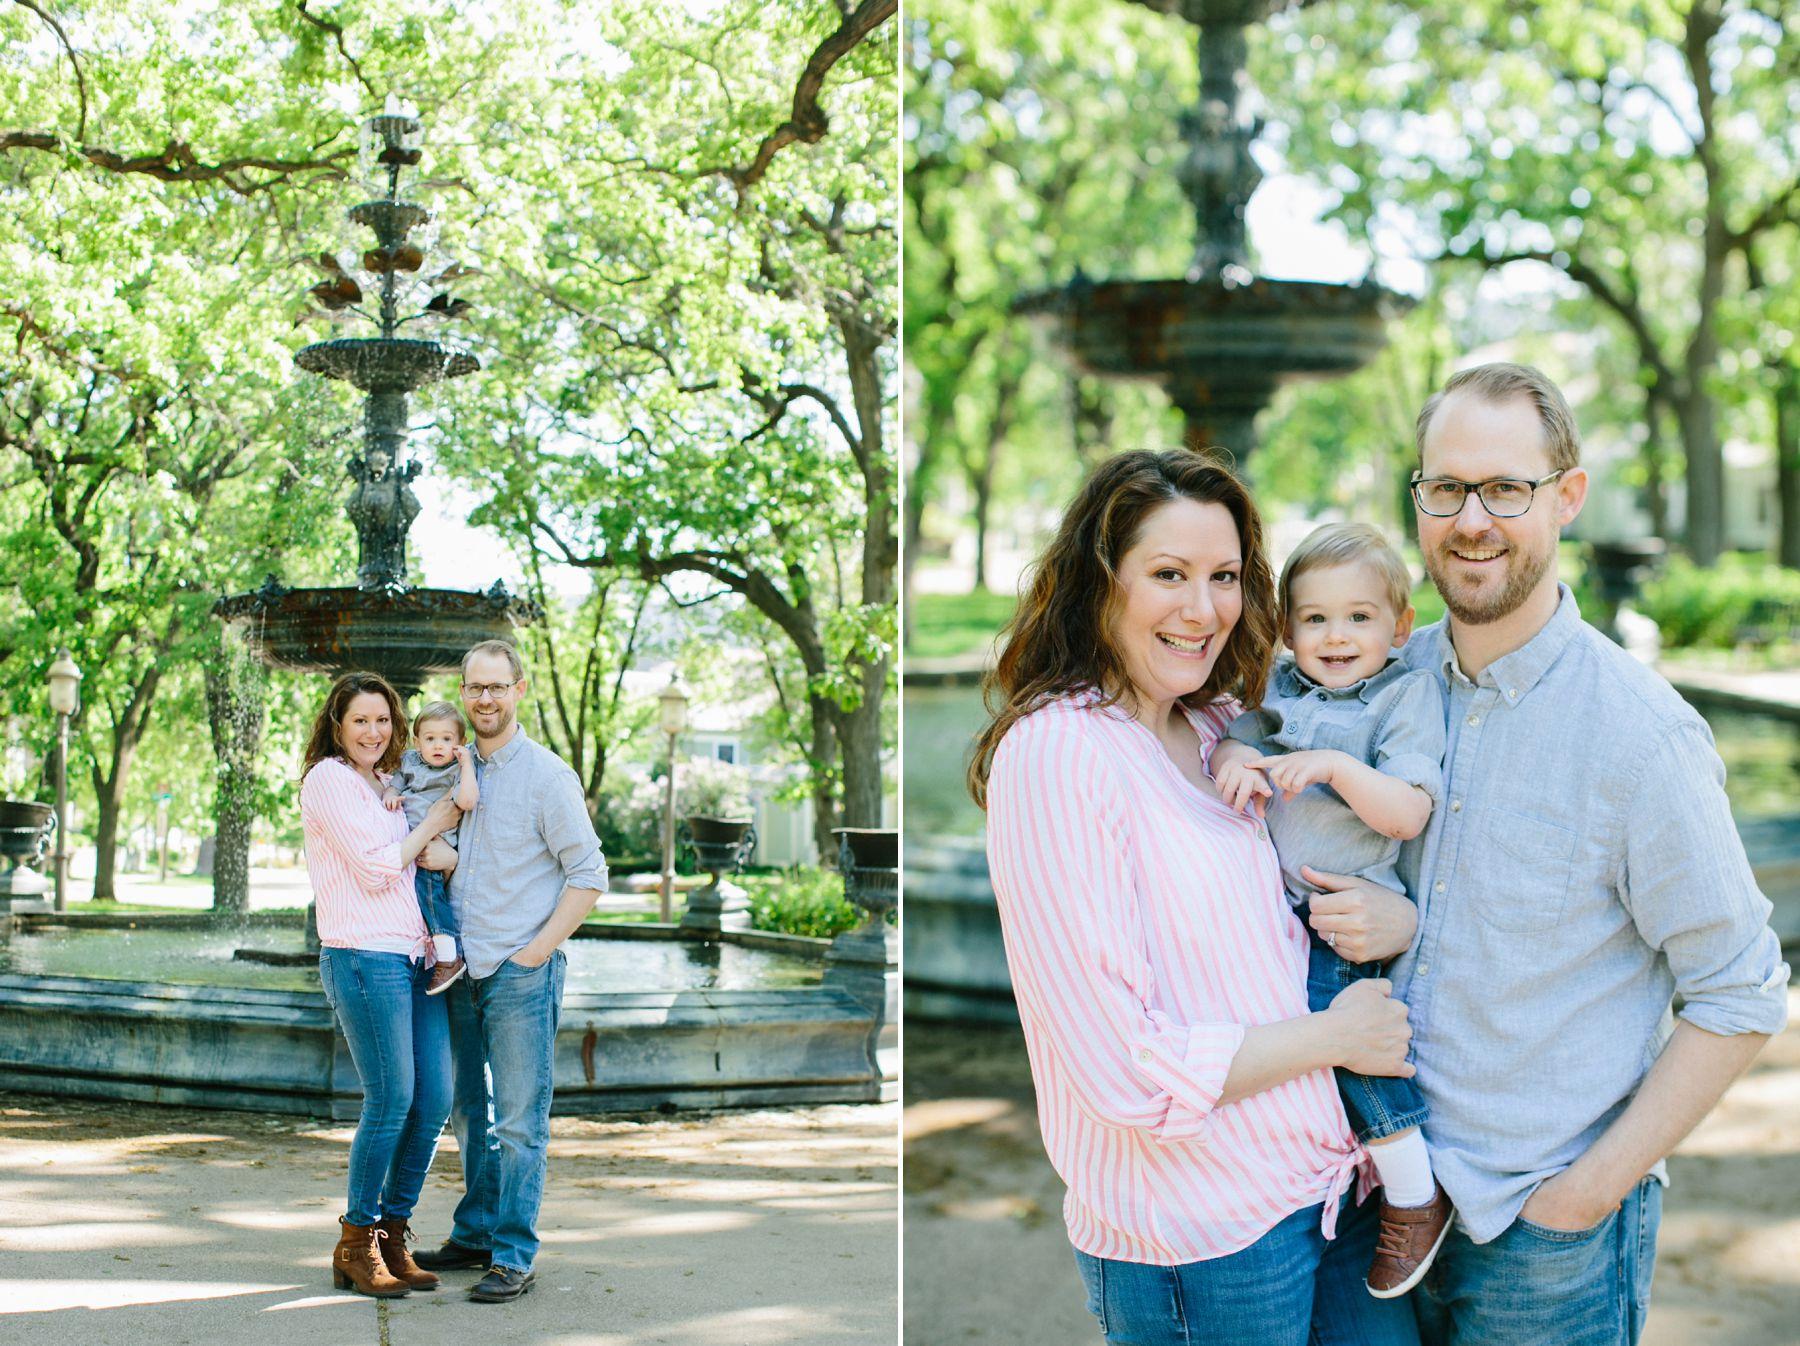 Saint_Paul_Family_Photos-Historic_Parks_1376.jpg